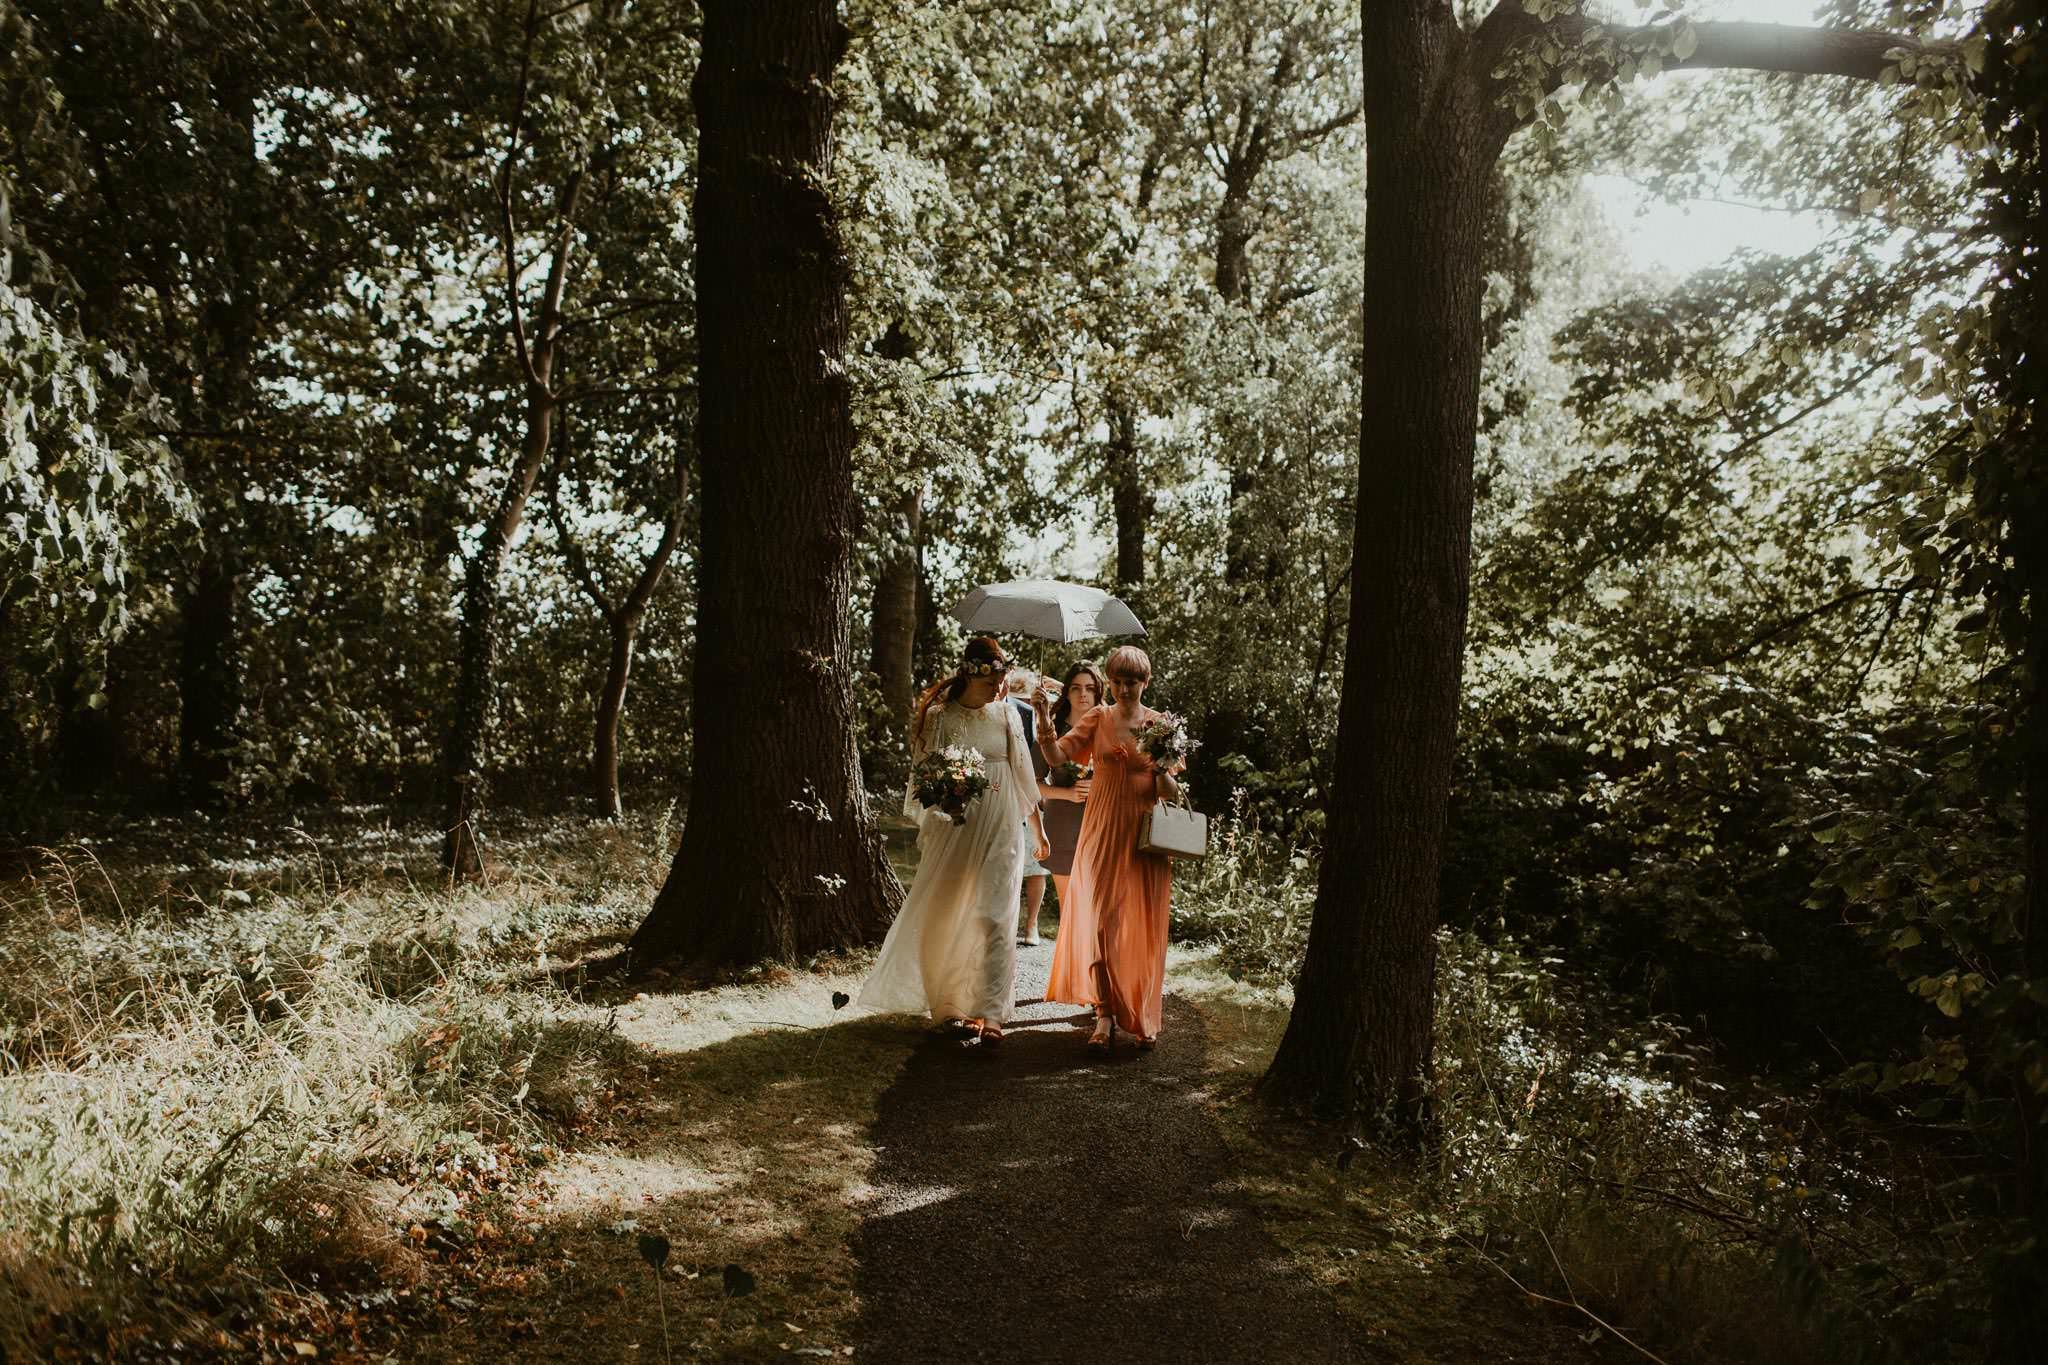 scottish-wedding-photography-042